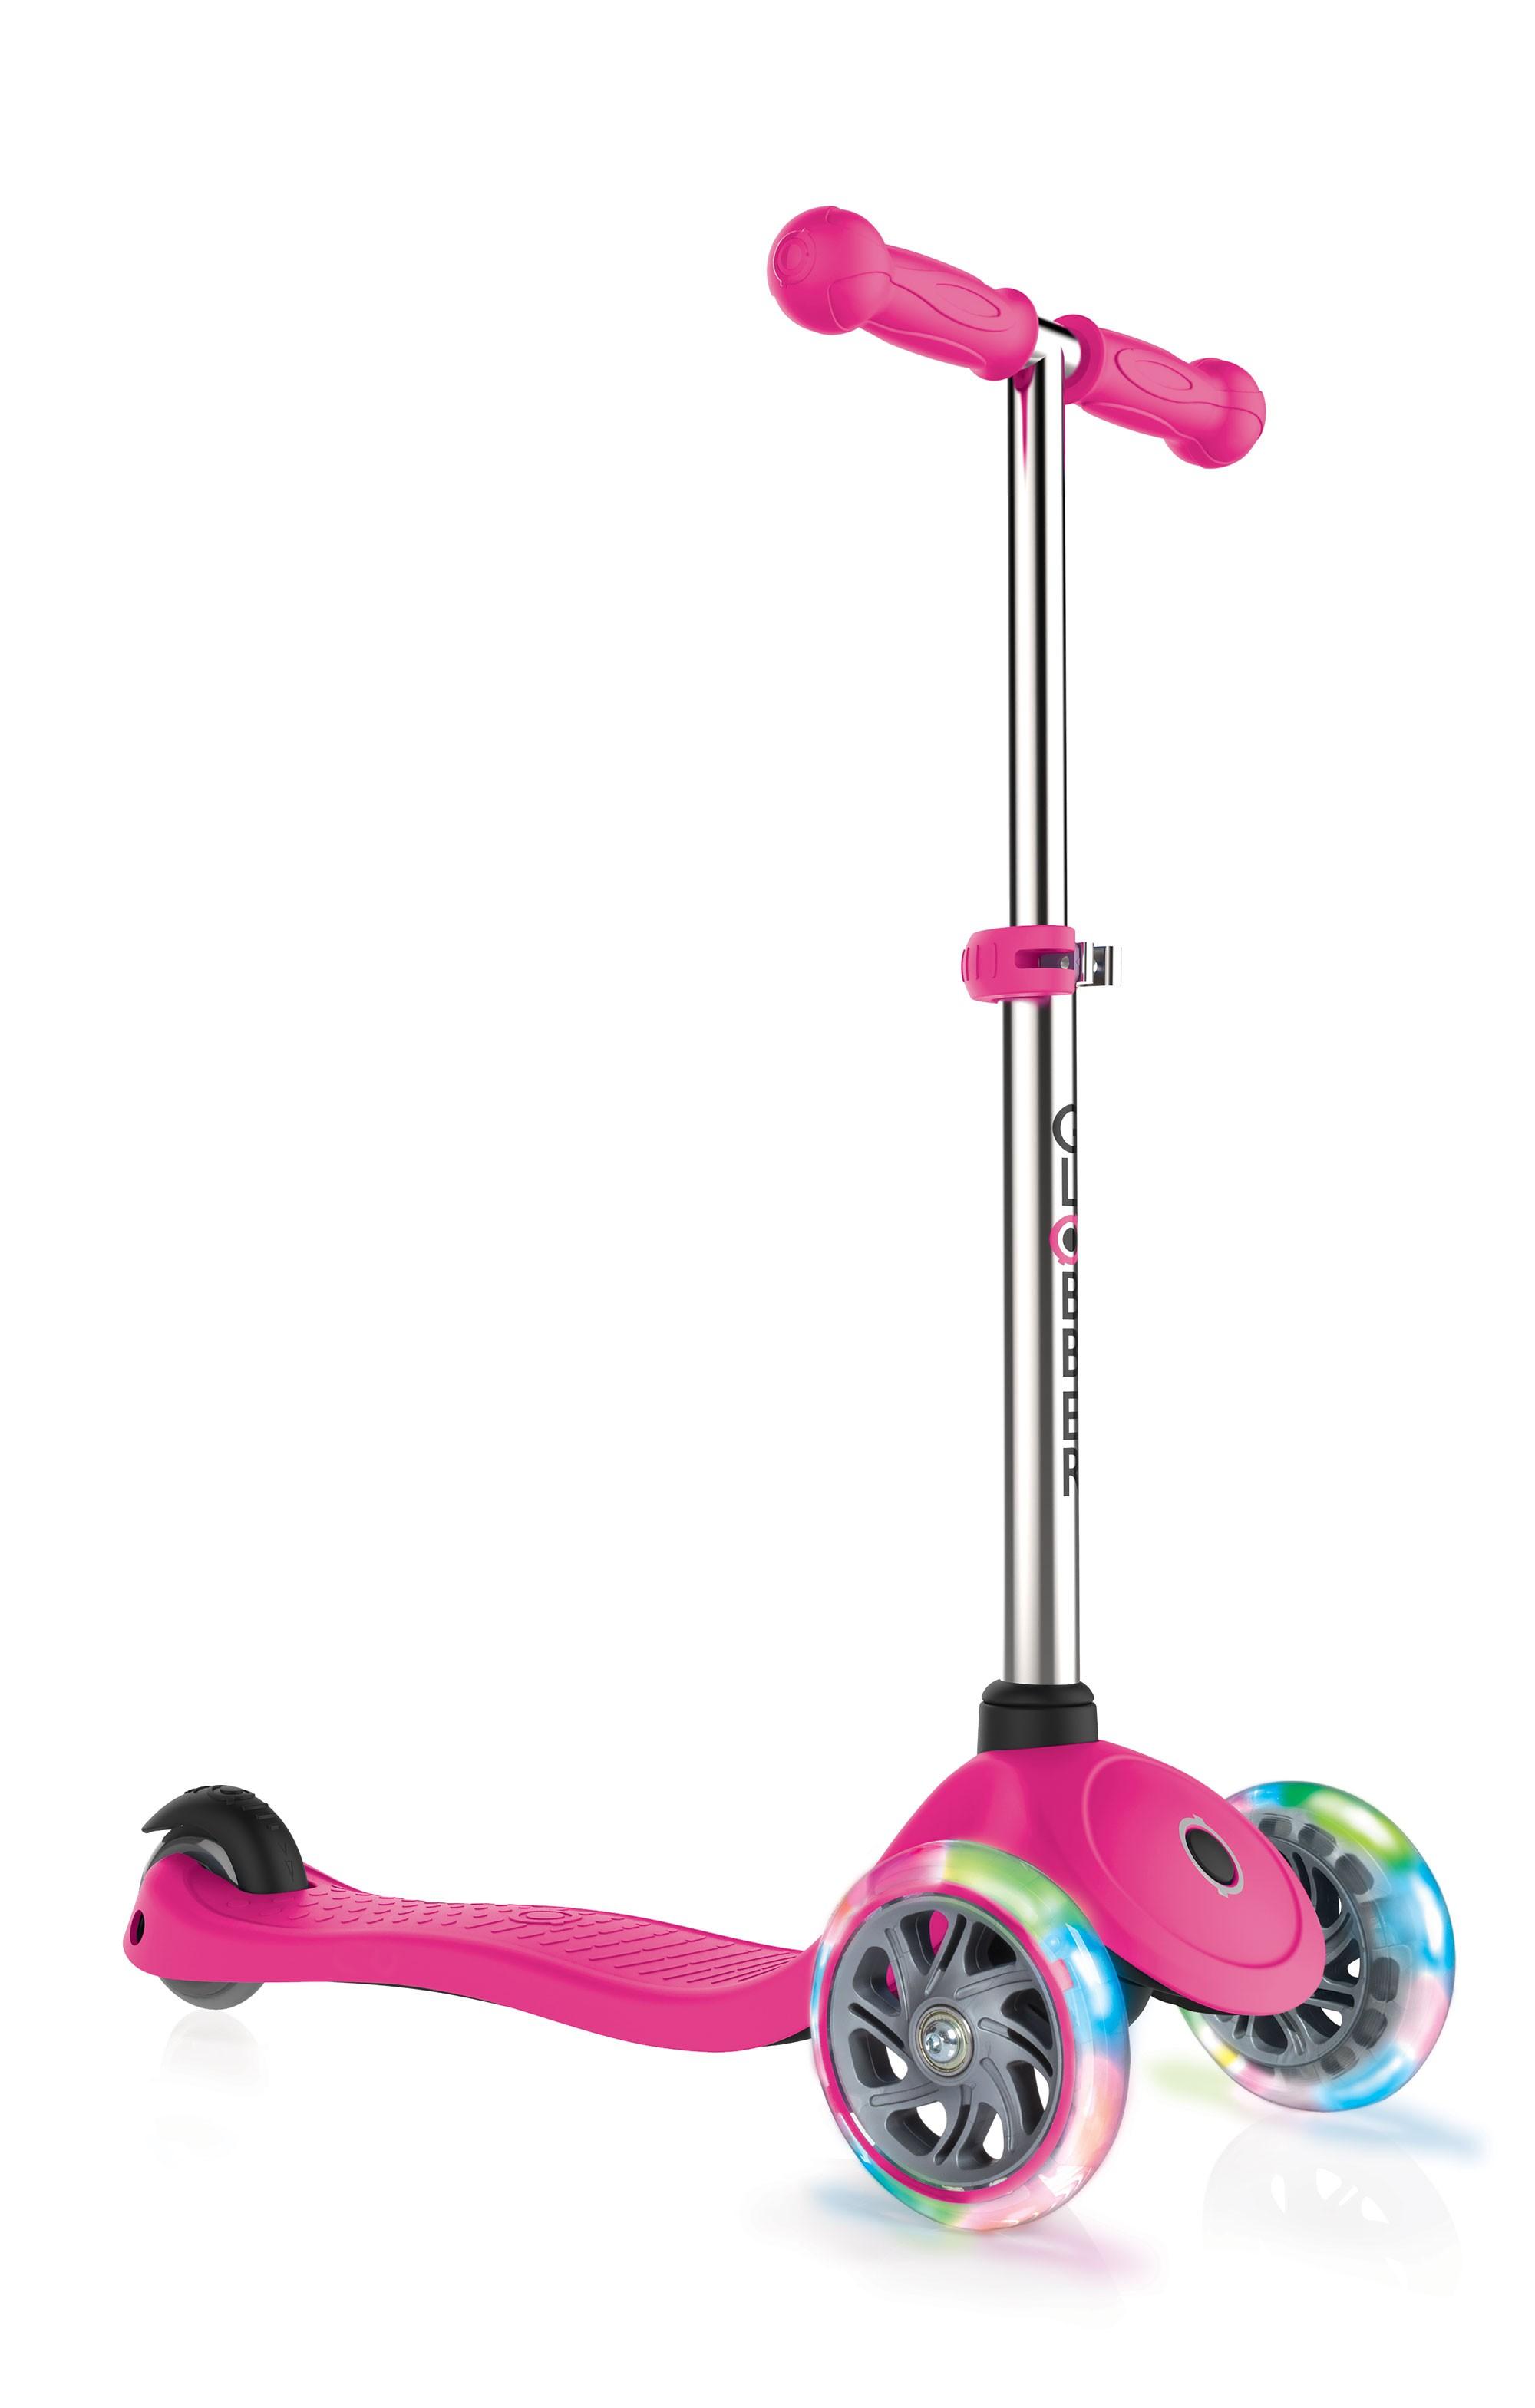 Scooter Kinderroller Globber Primo lights pink mit Leuchtrolle Bild 1